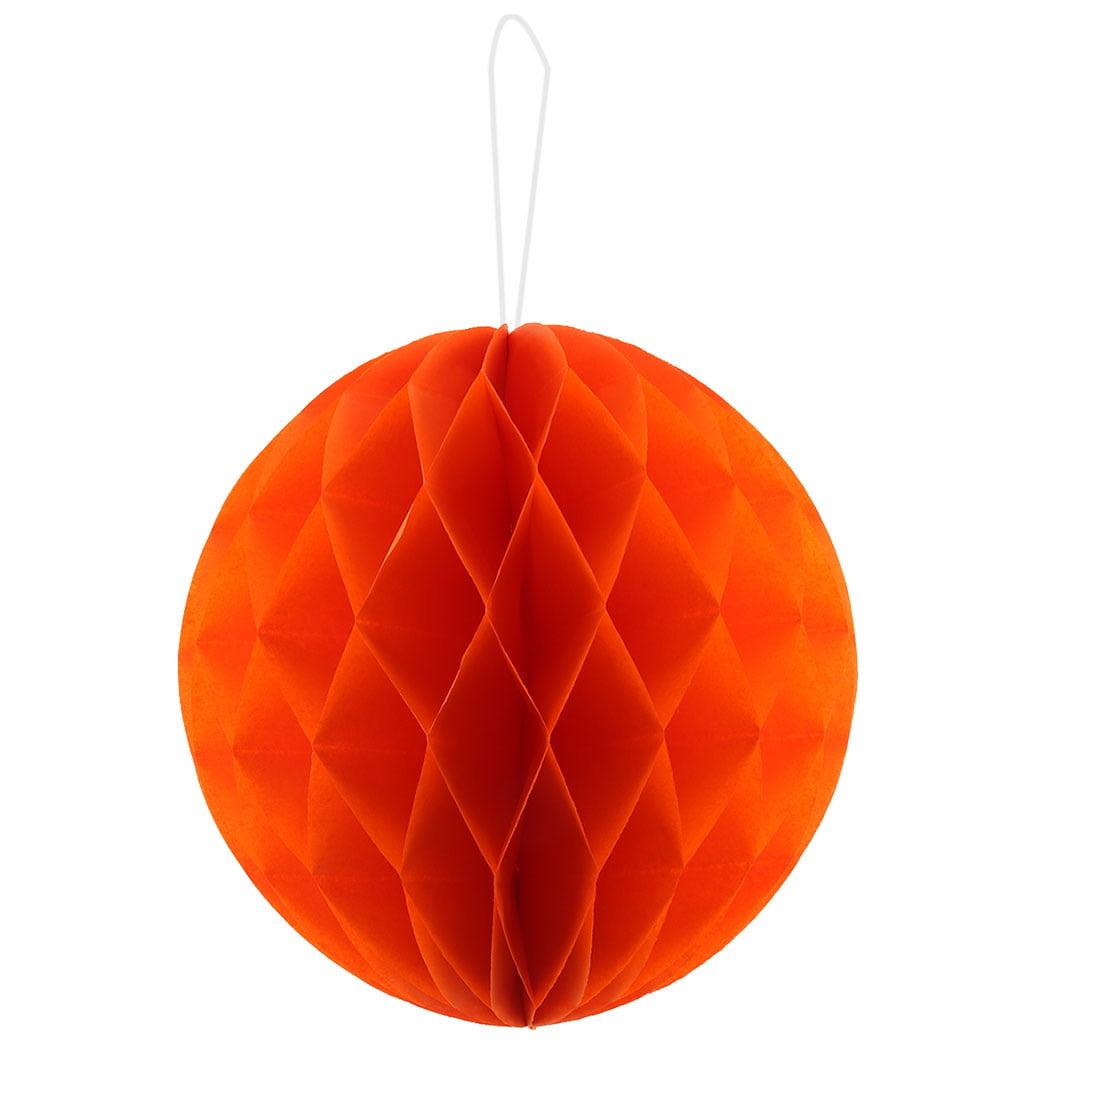 Paper Self-adhesive Handmade Hanging Decor Honeycomb Ball Orange 12 Inch Dia